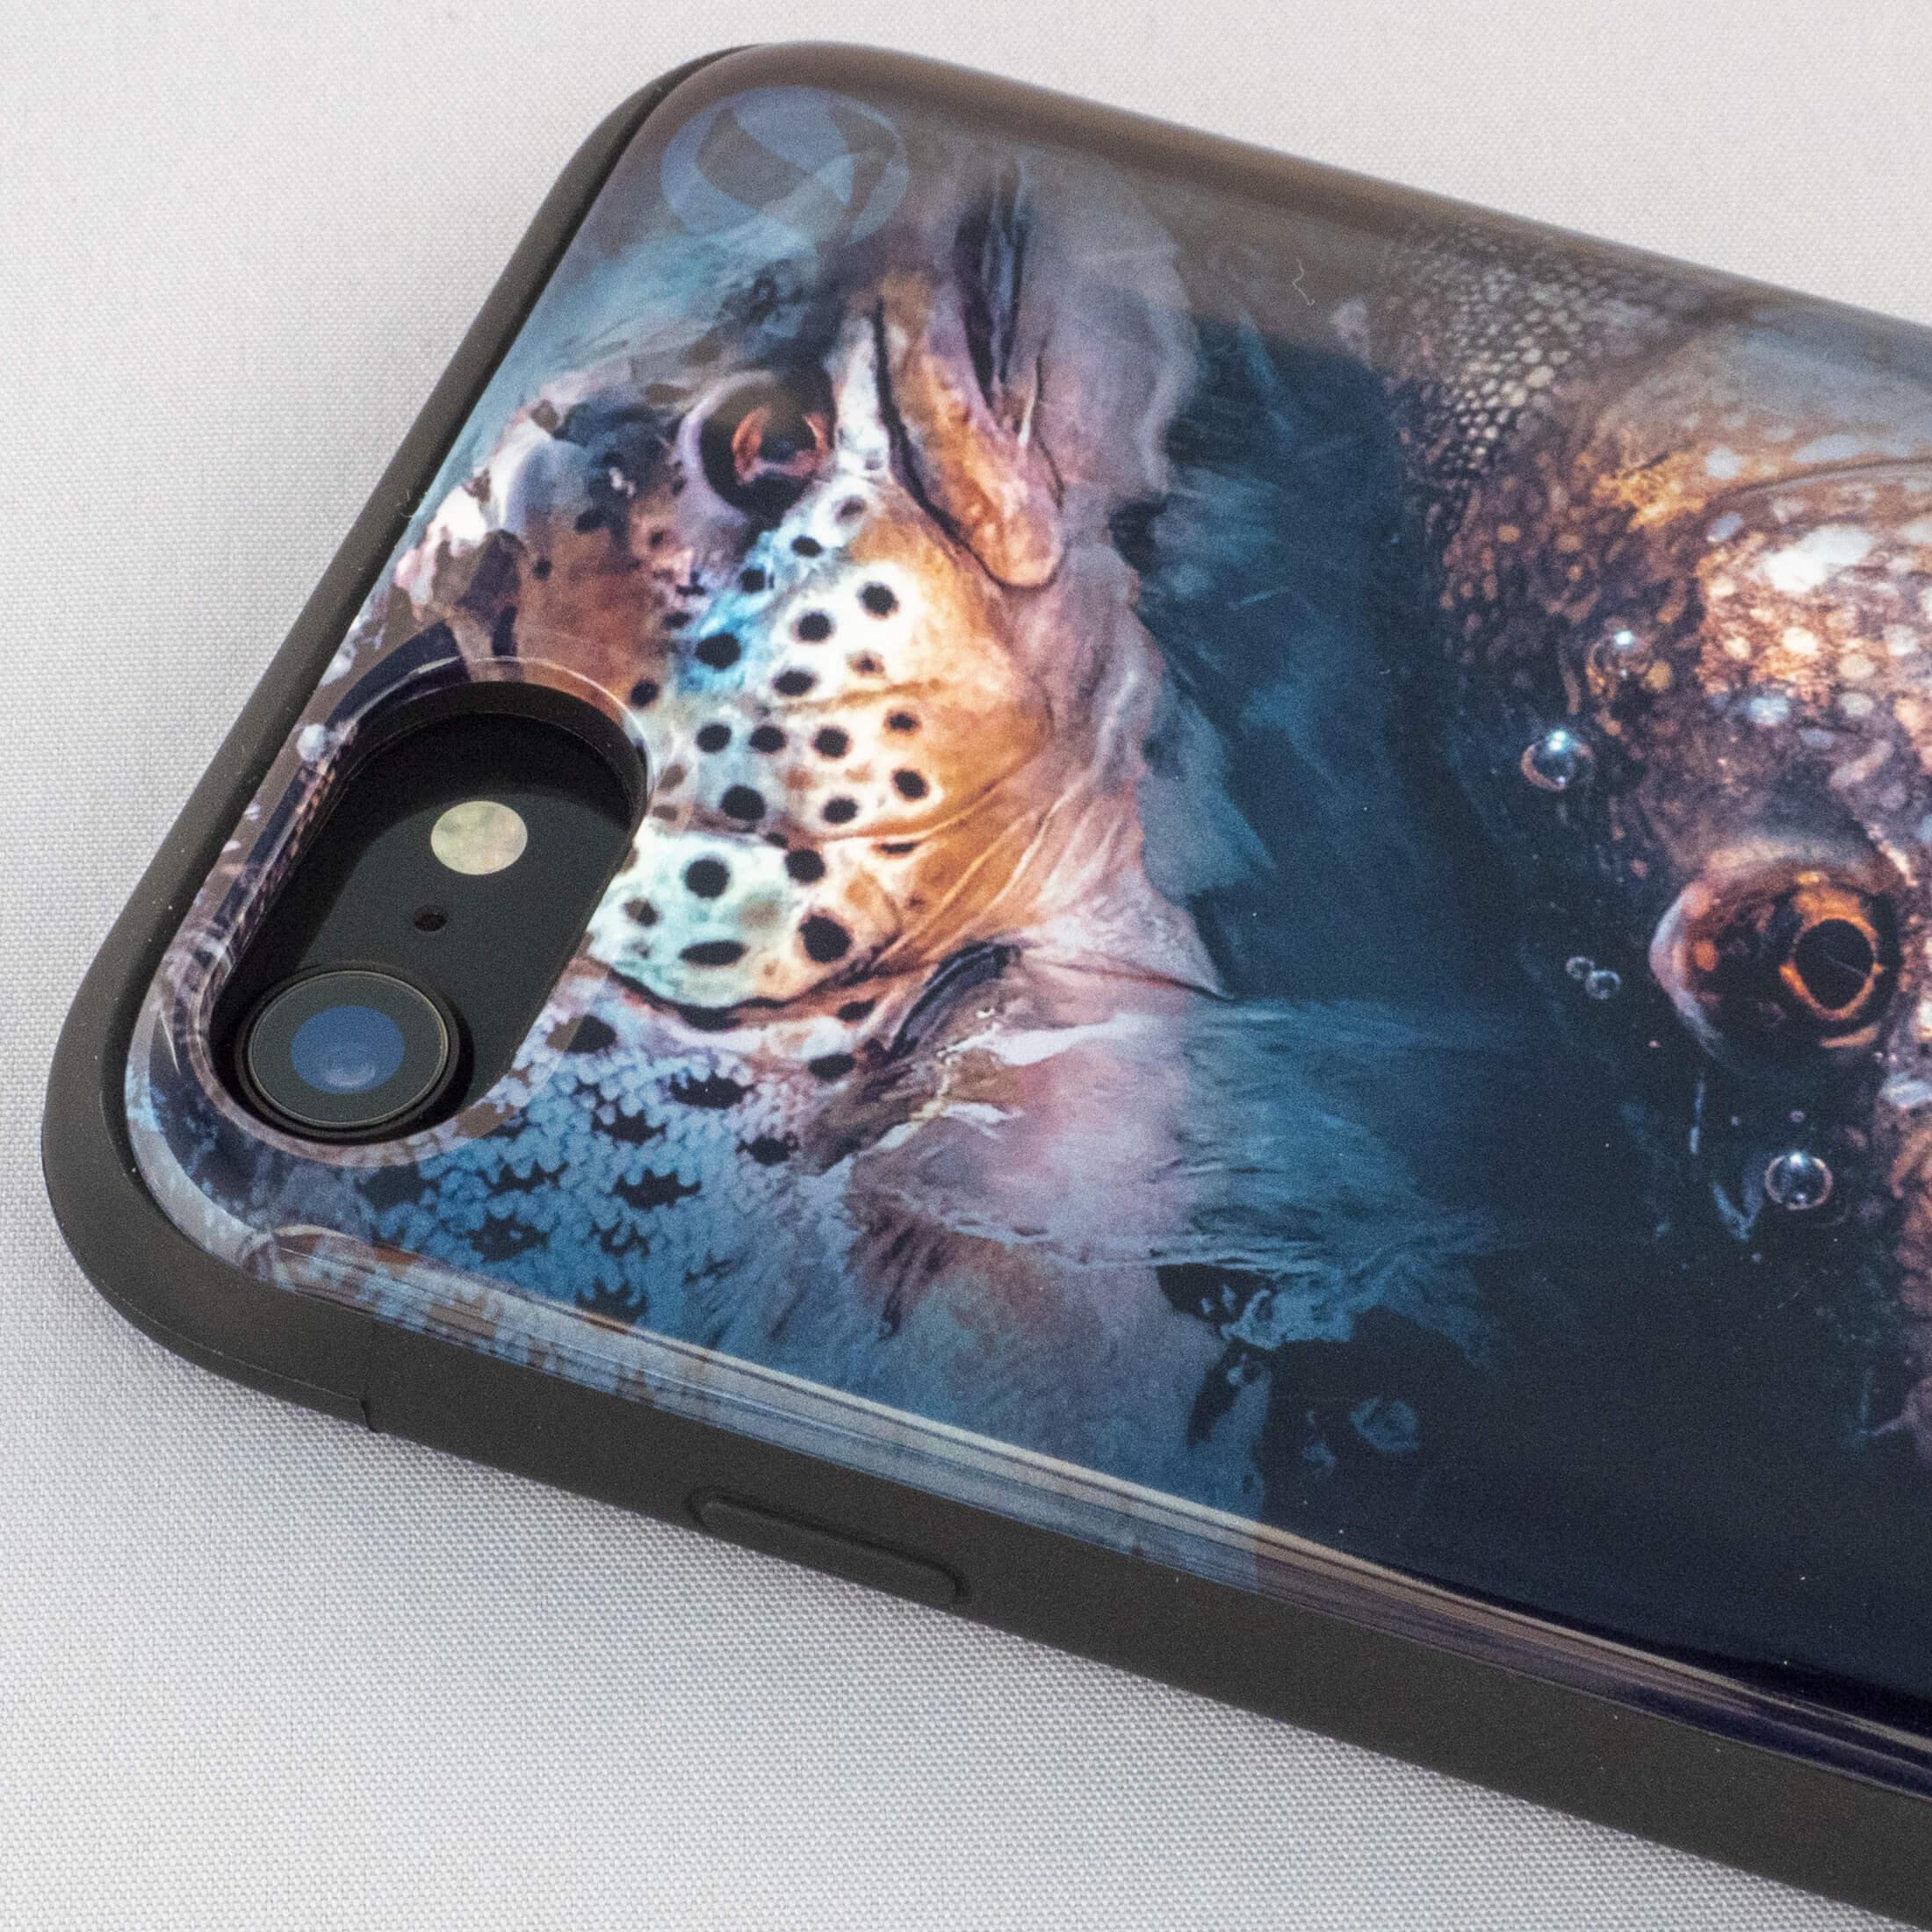 トラウトのiPhoneケース画像6